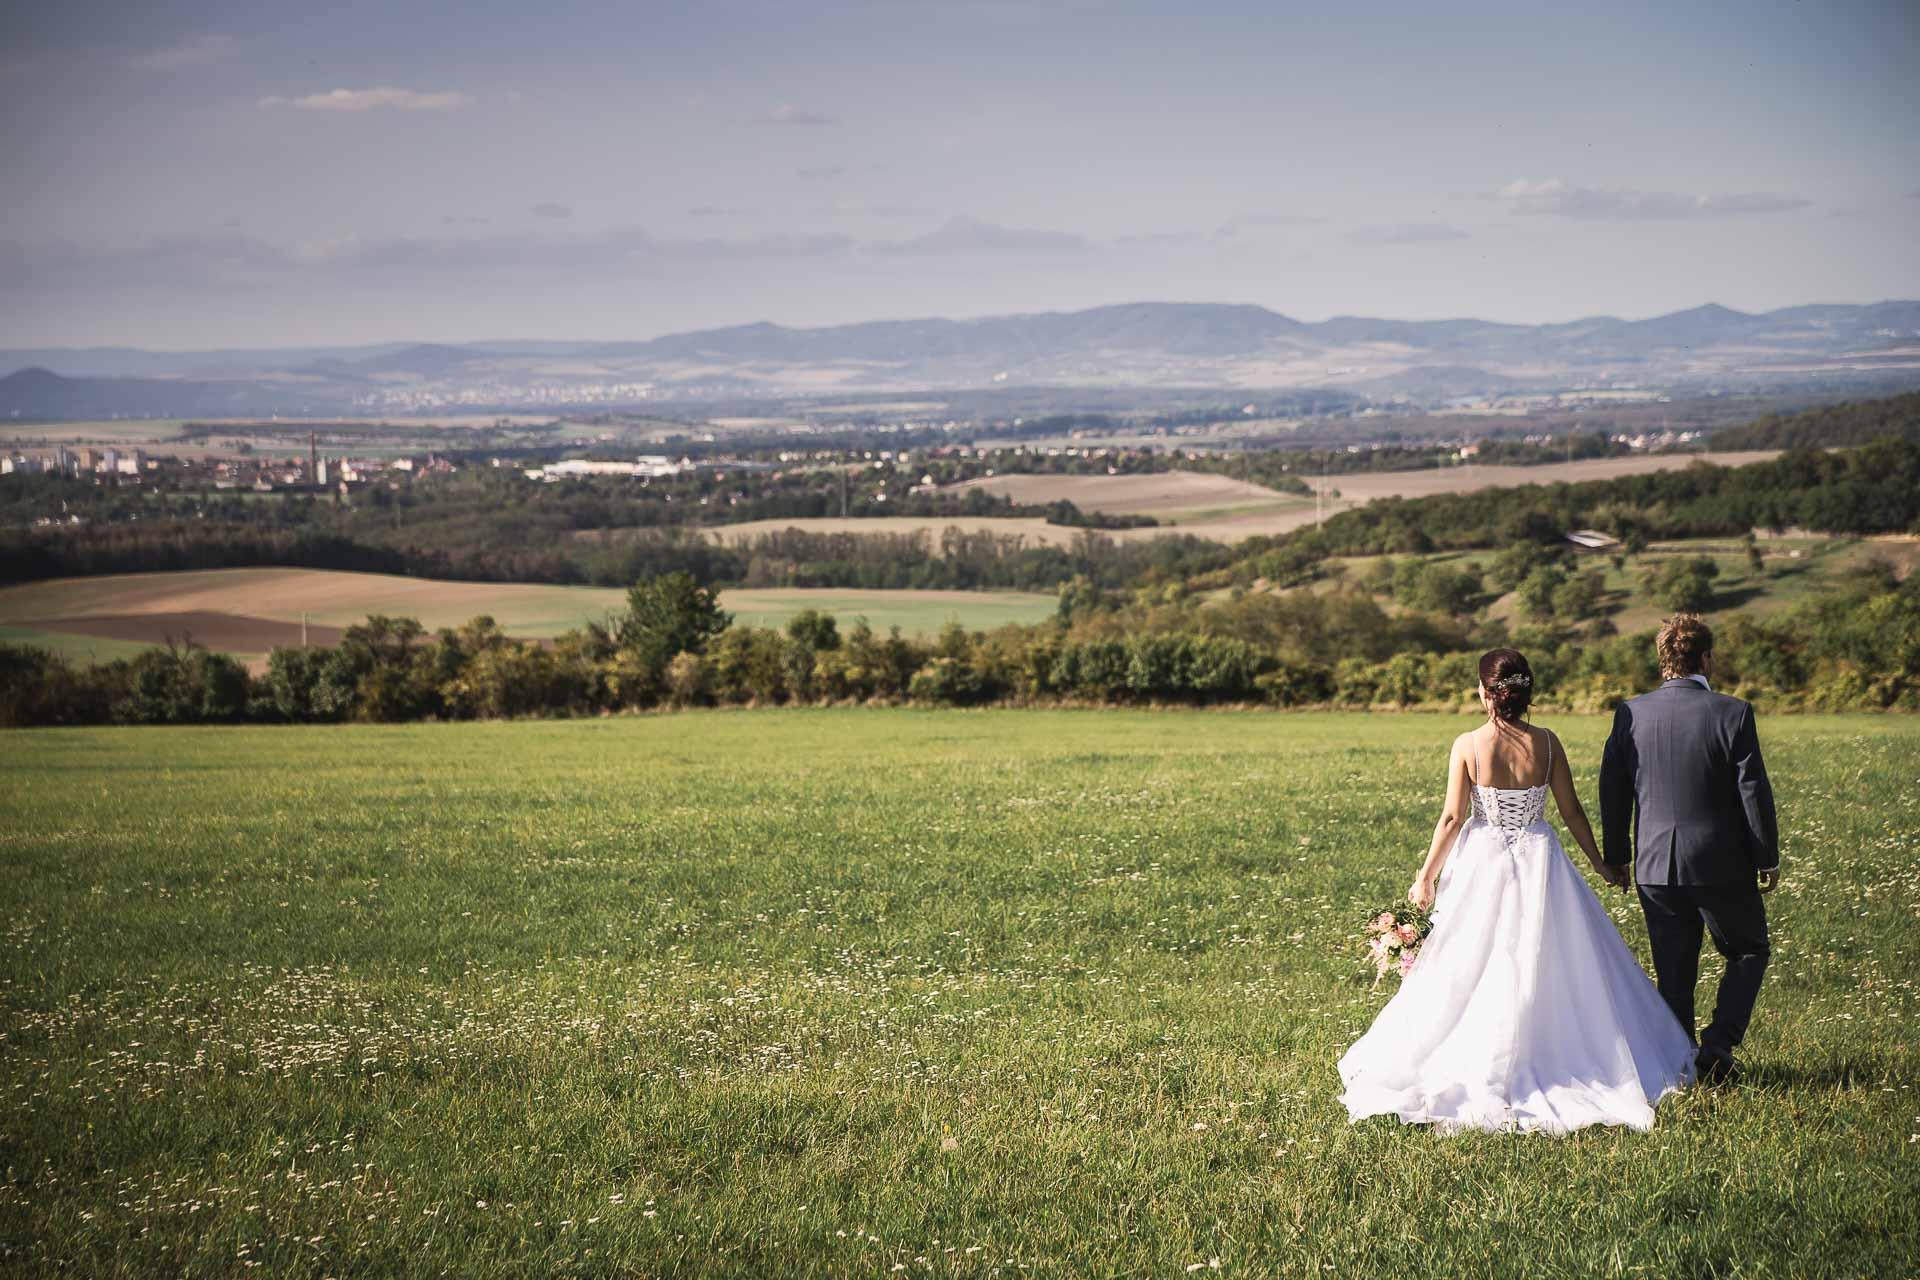 svatební-fotografie-Říp-svatební-video-ŘÍP-svatební-fotograf-ŘÍP-svatba-Mělník-svatba-Neratovice-fotograf-na-savtbu-kameraman-na-svatbu-363